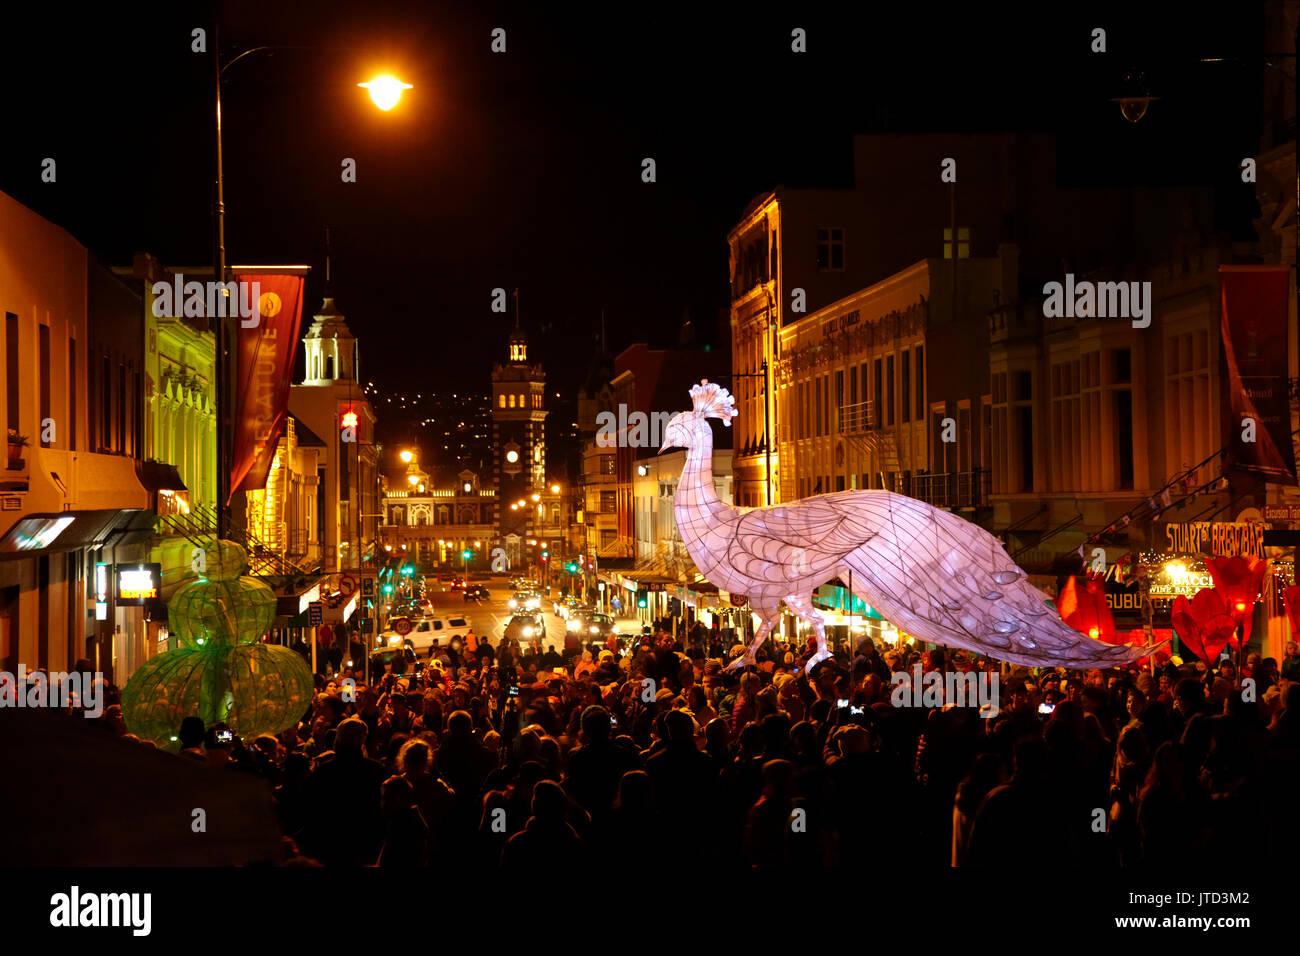 Lantern parade, Carnaval de la mi-hiver, l'octogone, Dunedin, île du Sud, Nouvelle-Zélande Photo Stock